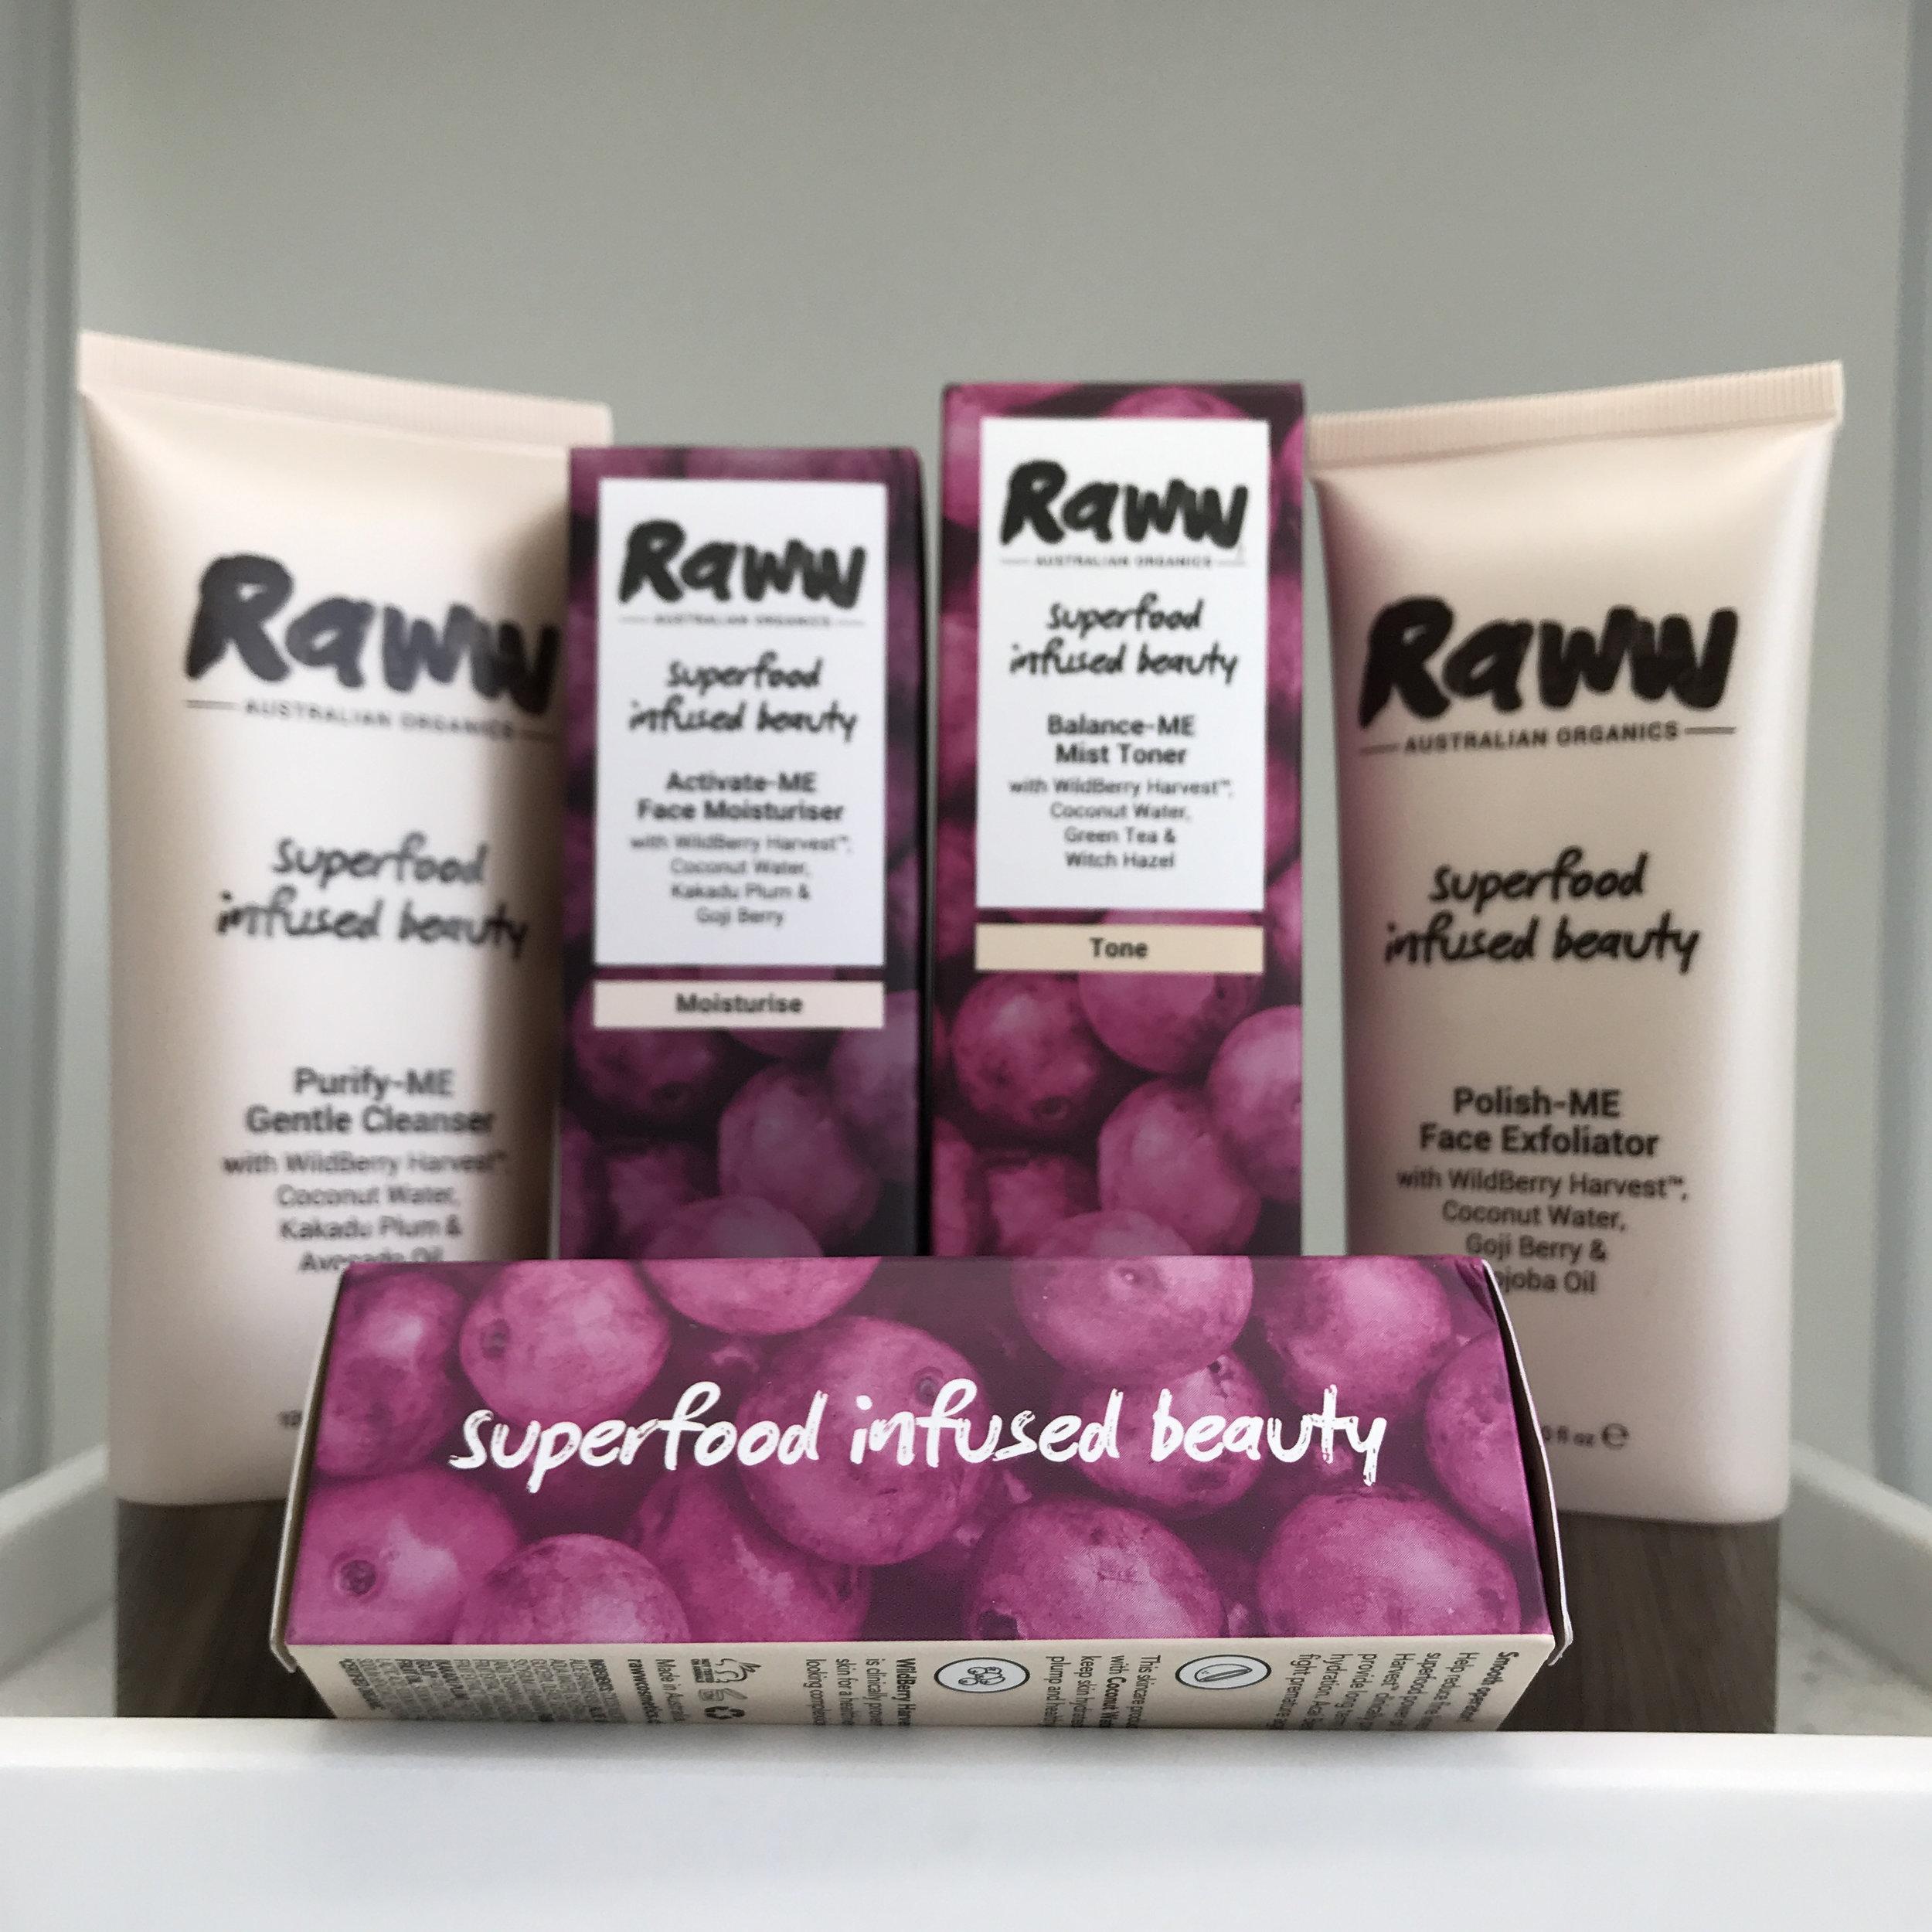 RAWW products.jpg